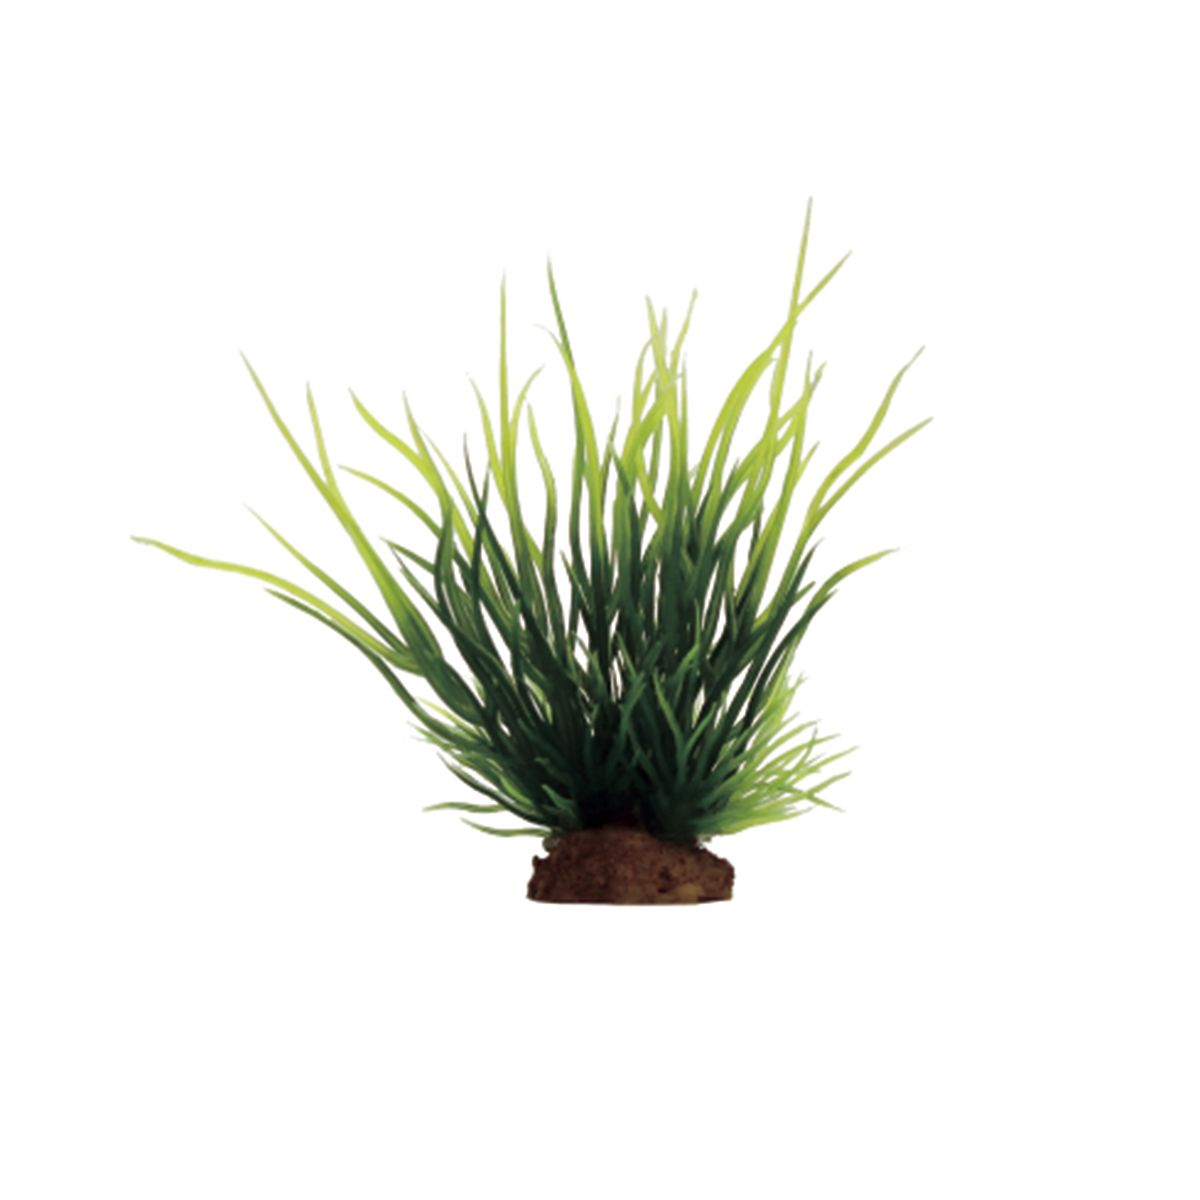 Растение для аквариума ArtUniq Лилеопсис, высота 10 см, 6 штART-1170518Композиция из искусственных растений ArtUniq превосходно украсит и оживит аквариум.Растения - это важная часть любой композиции, они помогут вдохнуть жизнь в ландшафт любого аквариума или террариума. А их сходствос природными порадует даже самых взыскательных ценителей.